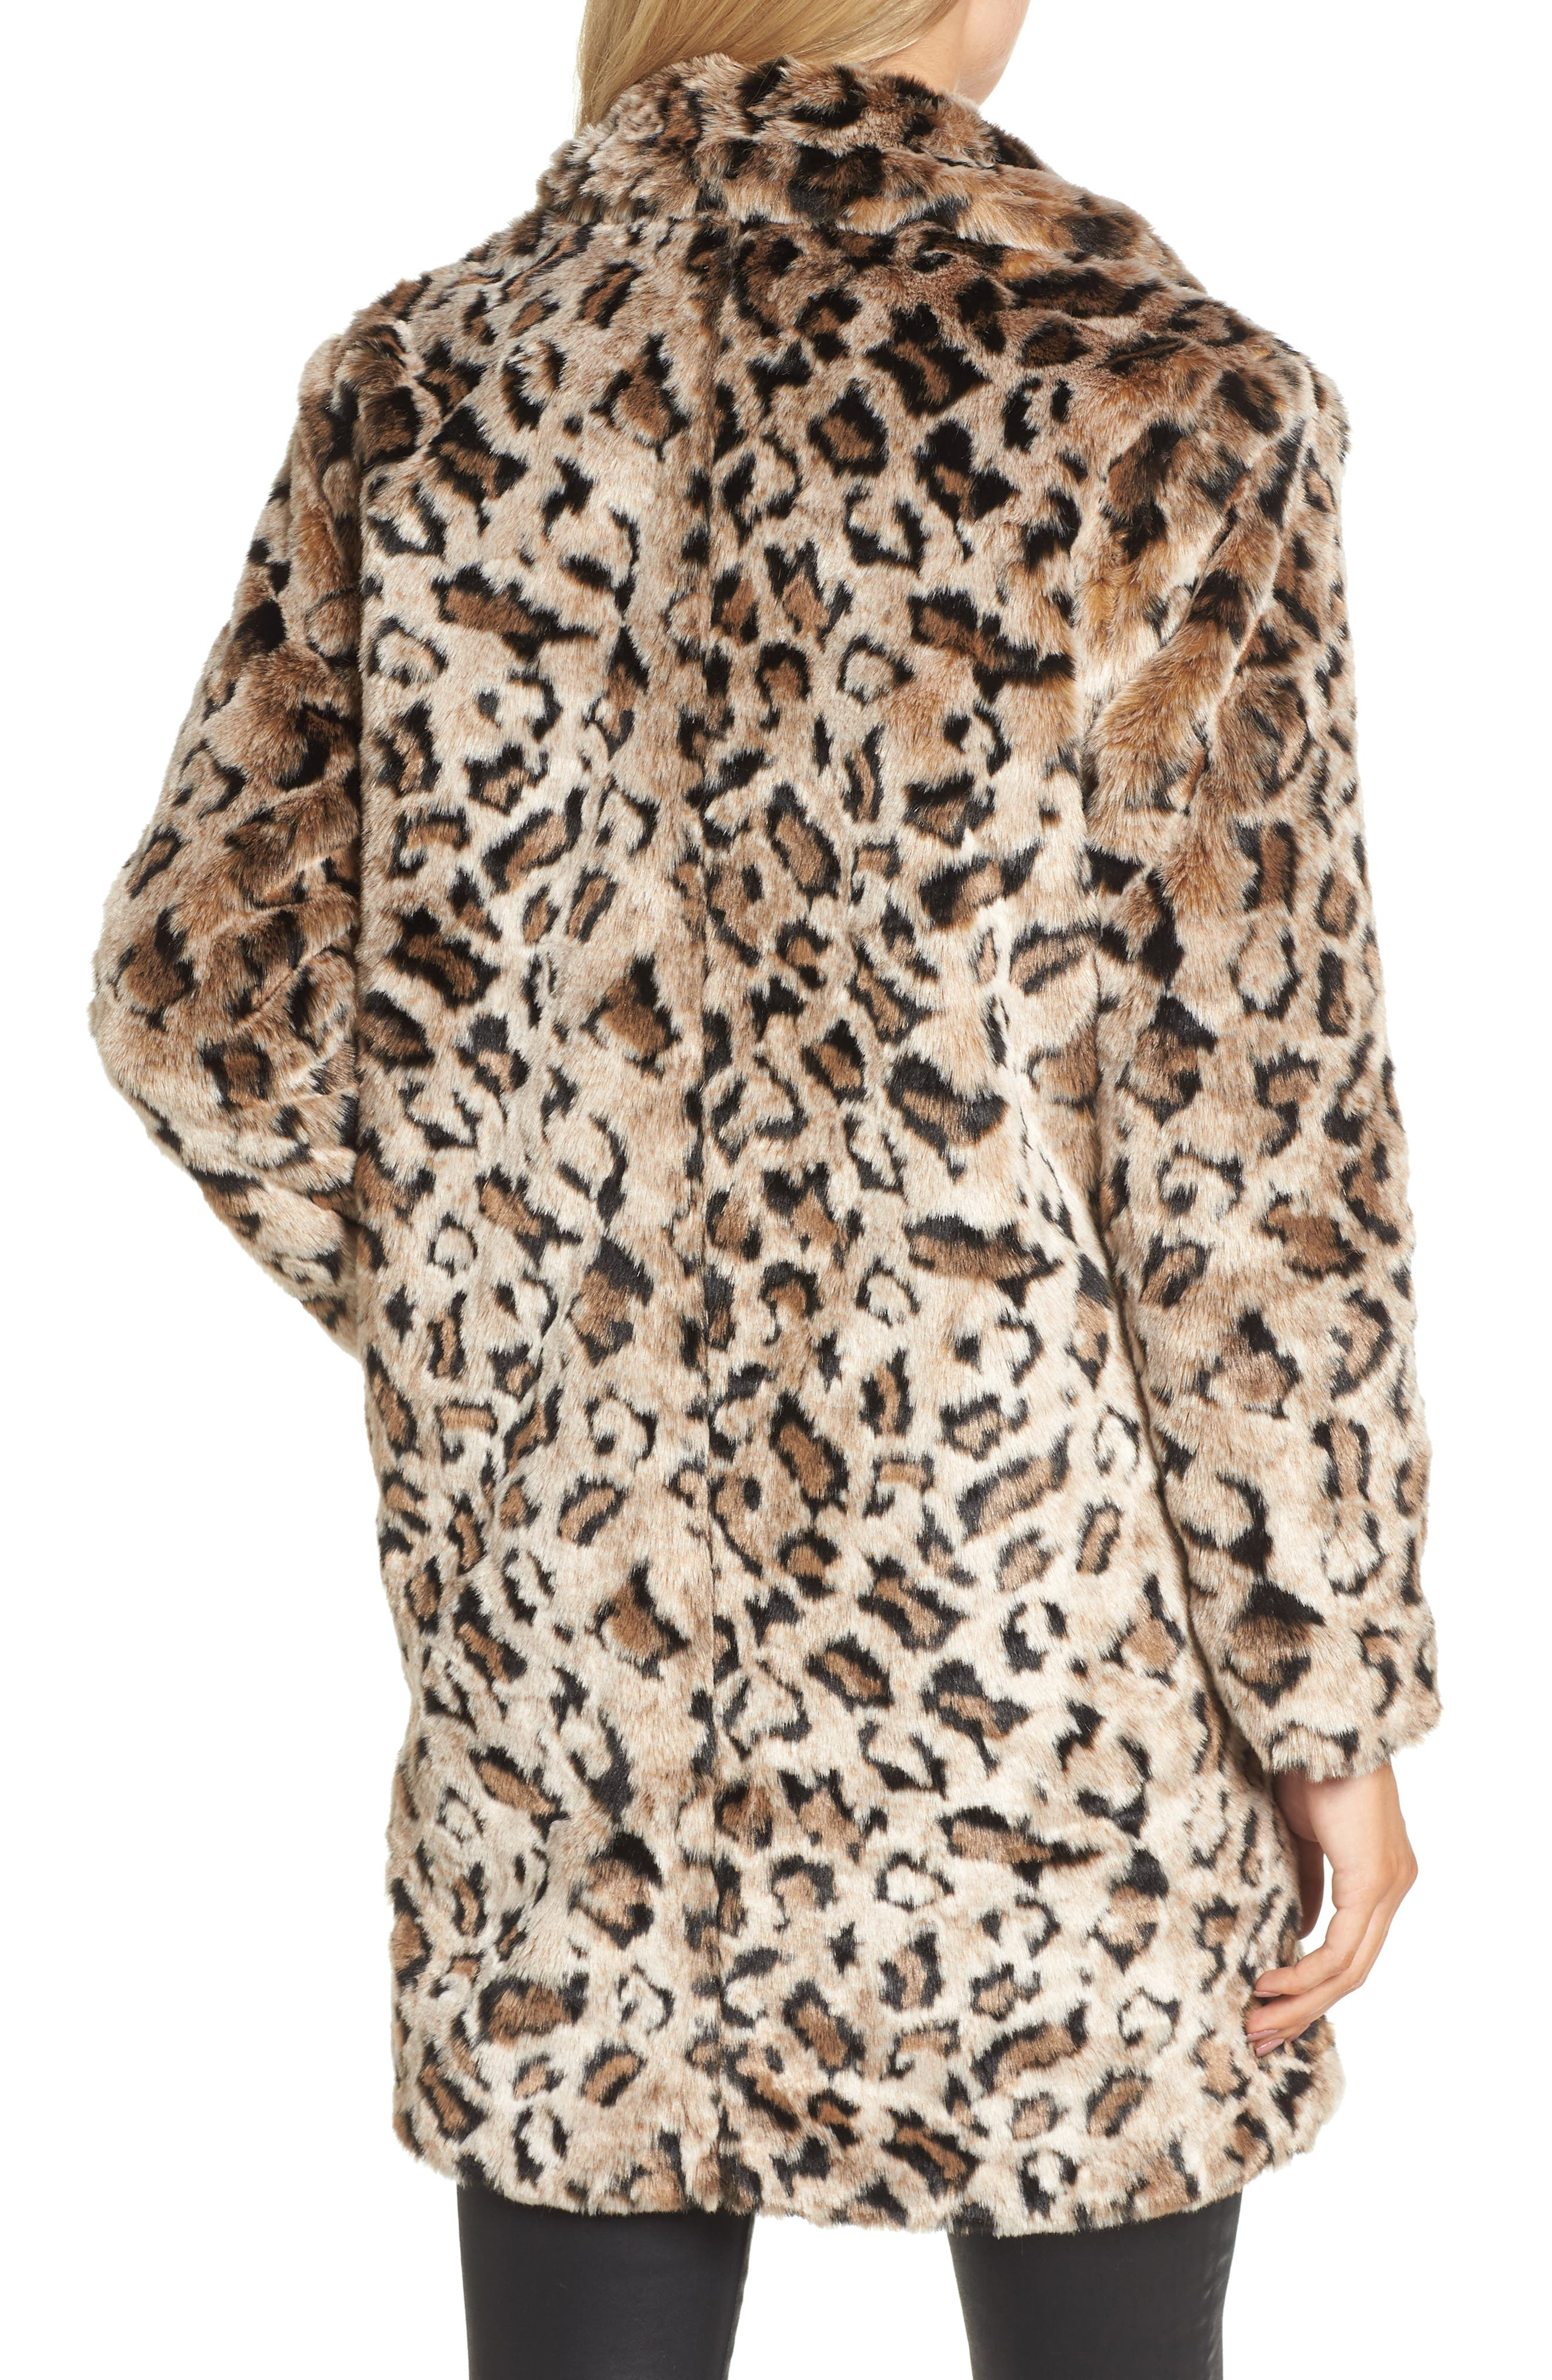 Rooney Leopard Spot Faux Fur Coat,                             Alternate thumbnail 2, color,                             Brown